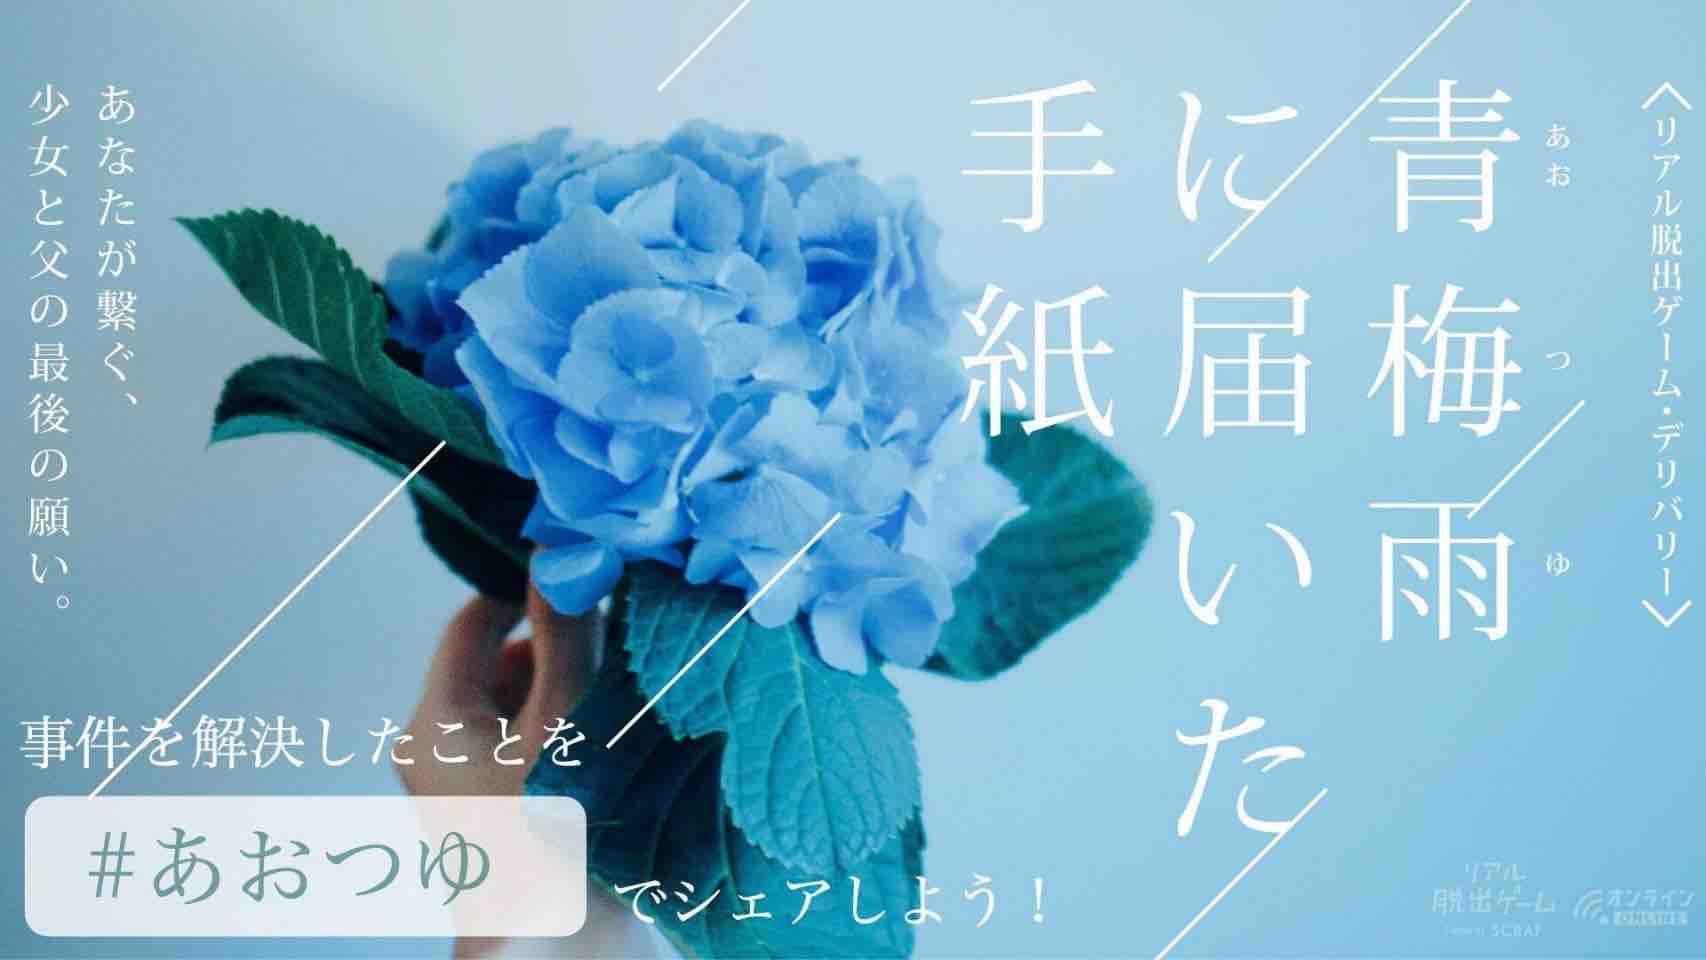 fc2blog_20200916092446e18.jpg